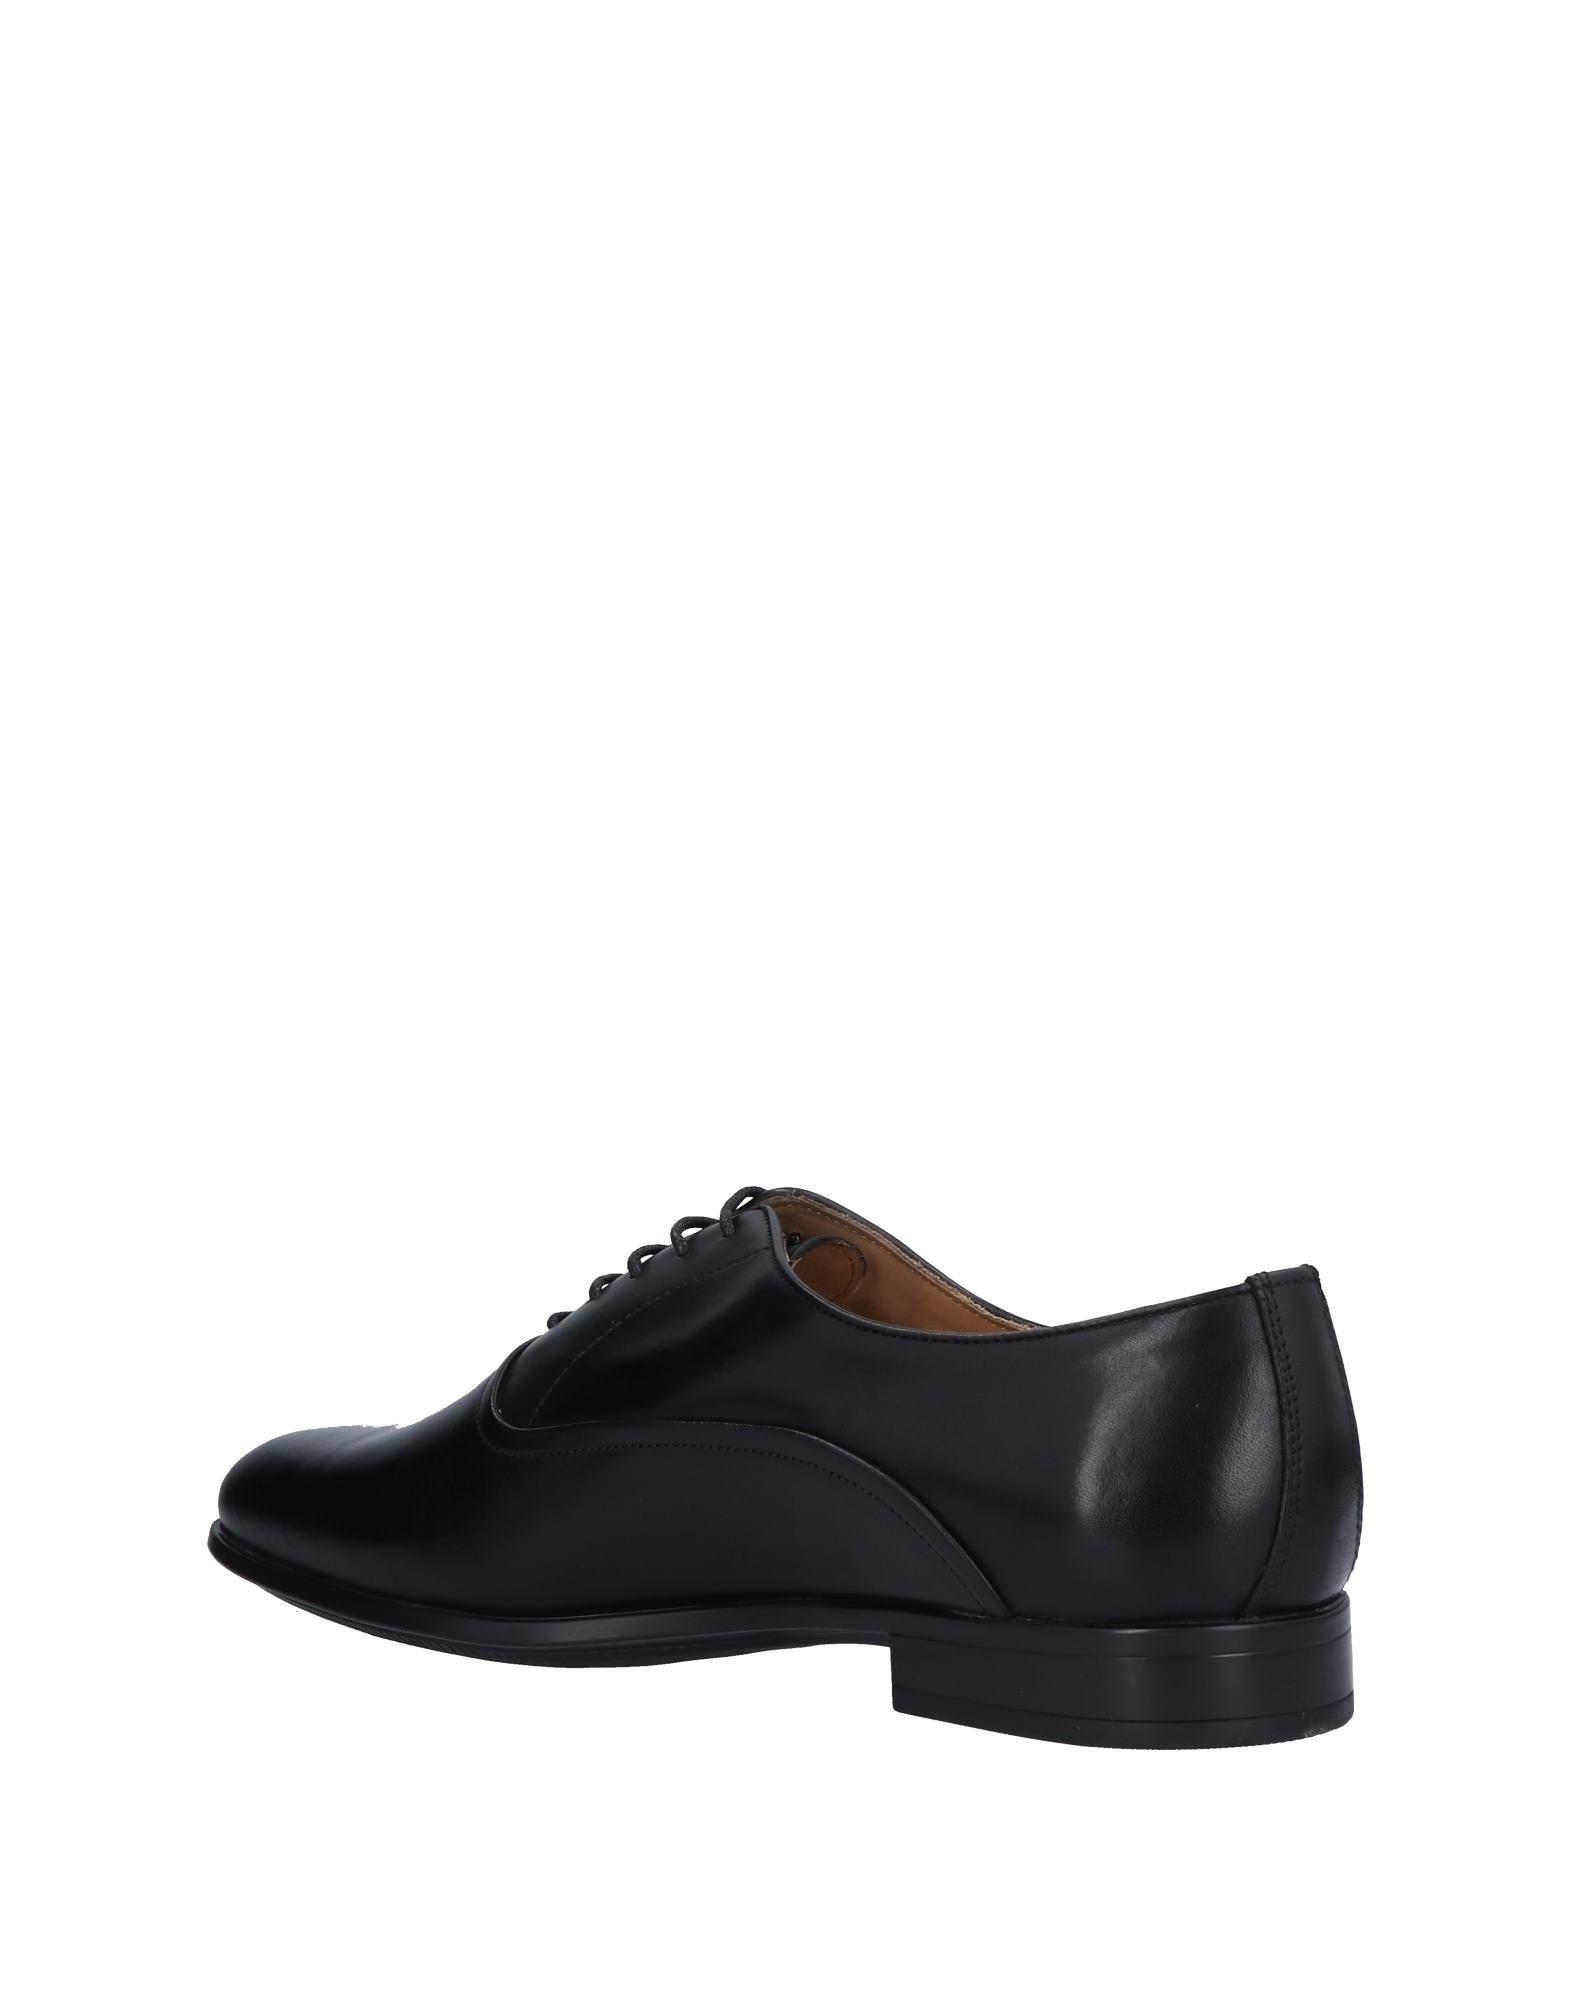 Rabatt echte Schuhe Herren Cantarelli Schnürschuhe Herren Schuhe  11502245EM dc4d1e